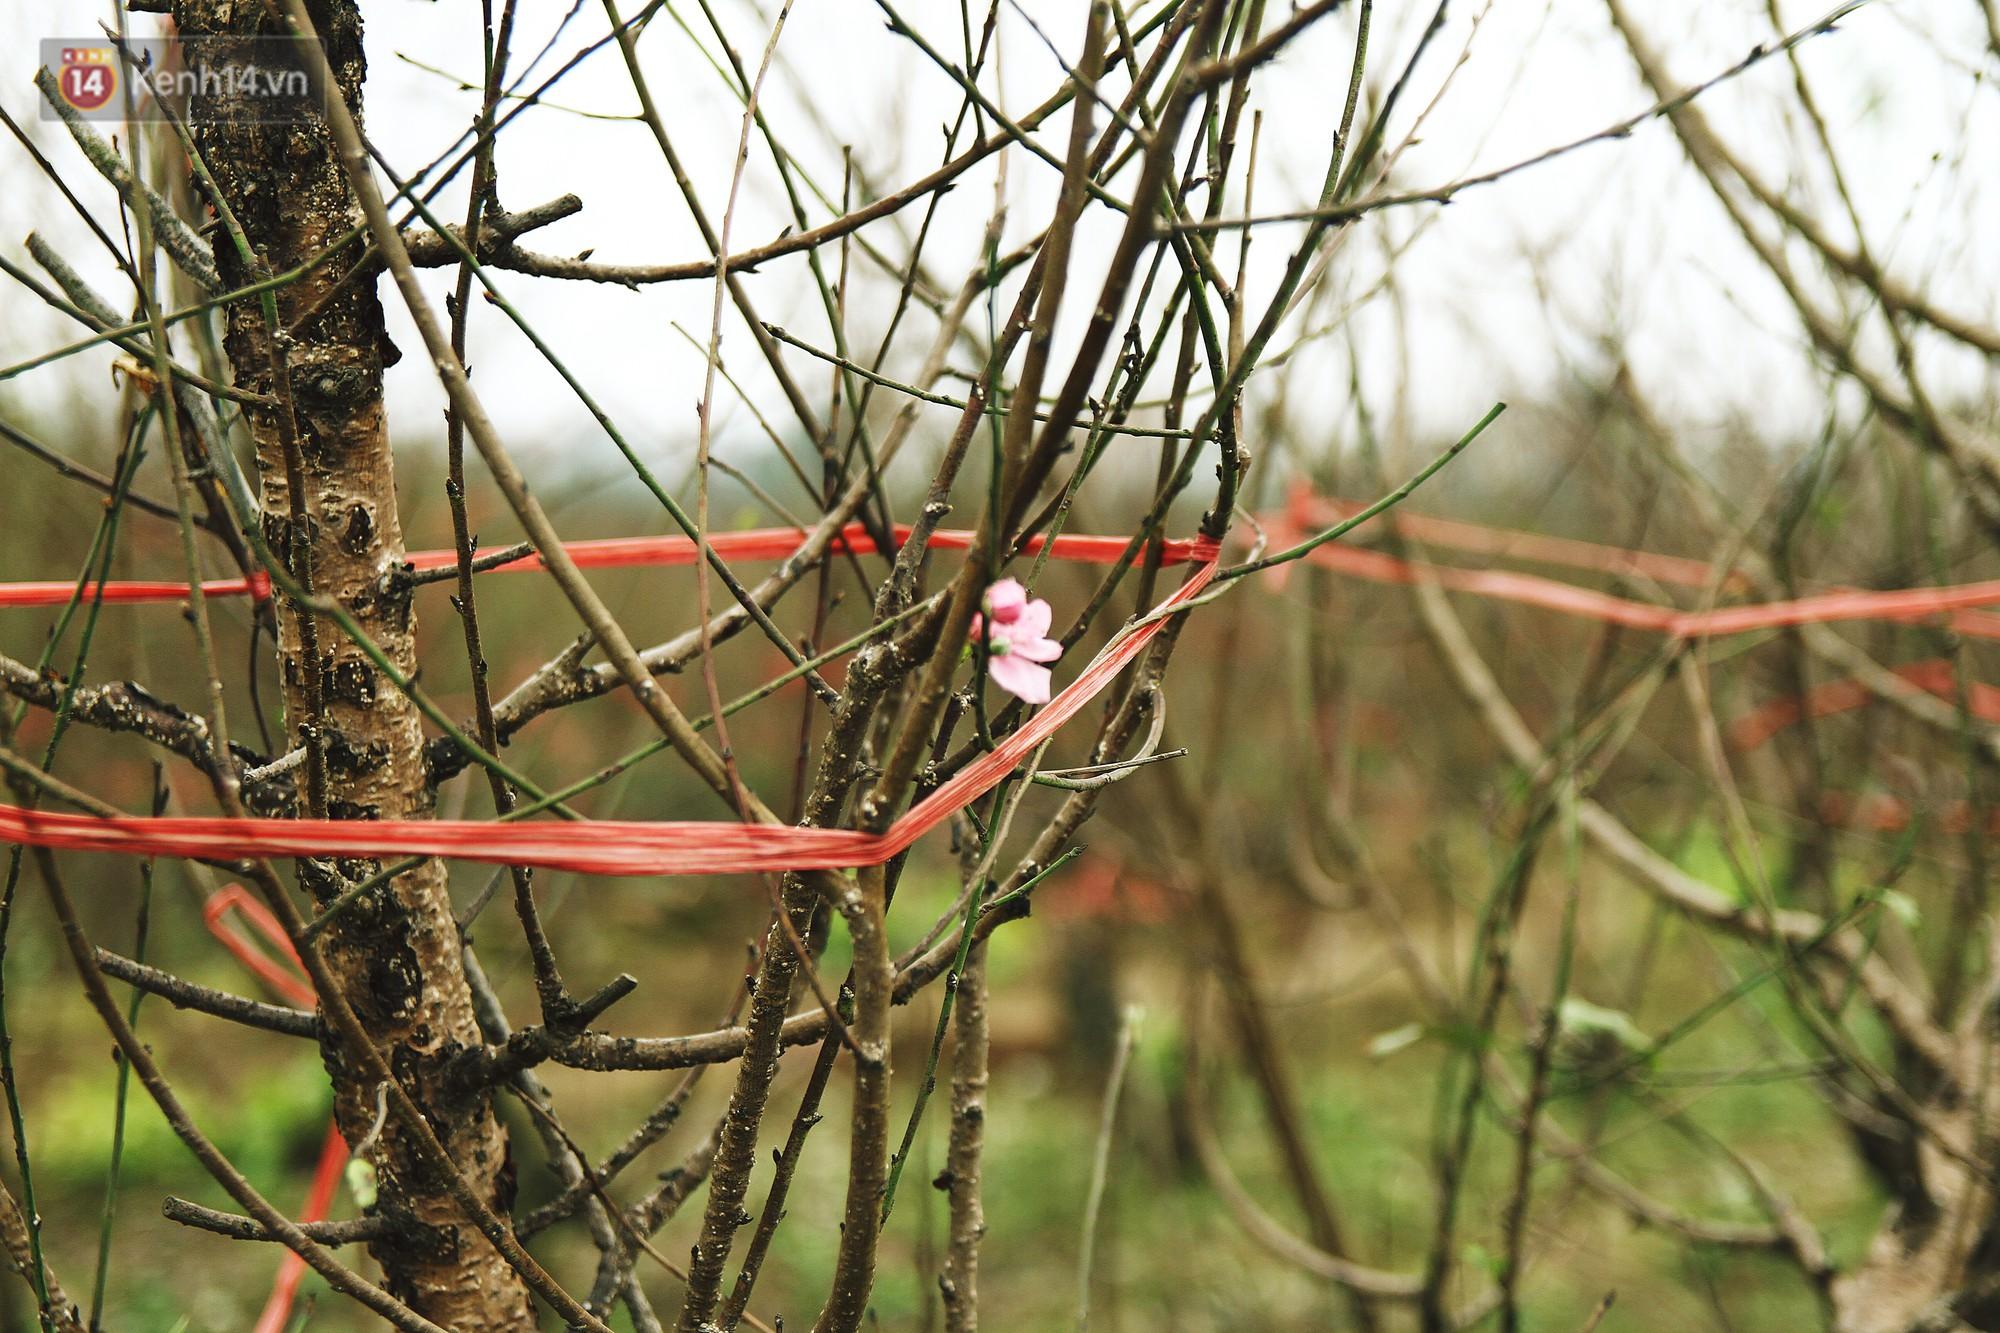 Người dân làng đào Nhật Tân: Từ giờ đến Tết mà rét thế này thì đào không nở hoa kịp mất! - Ảnh 1.